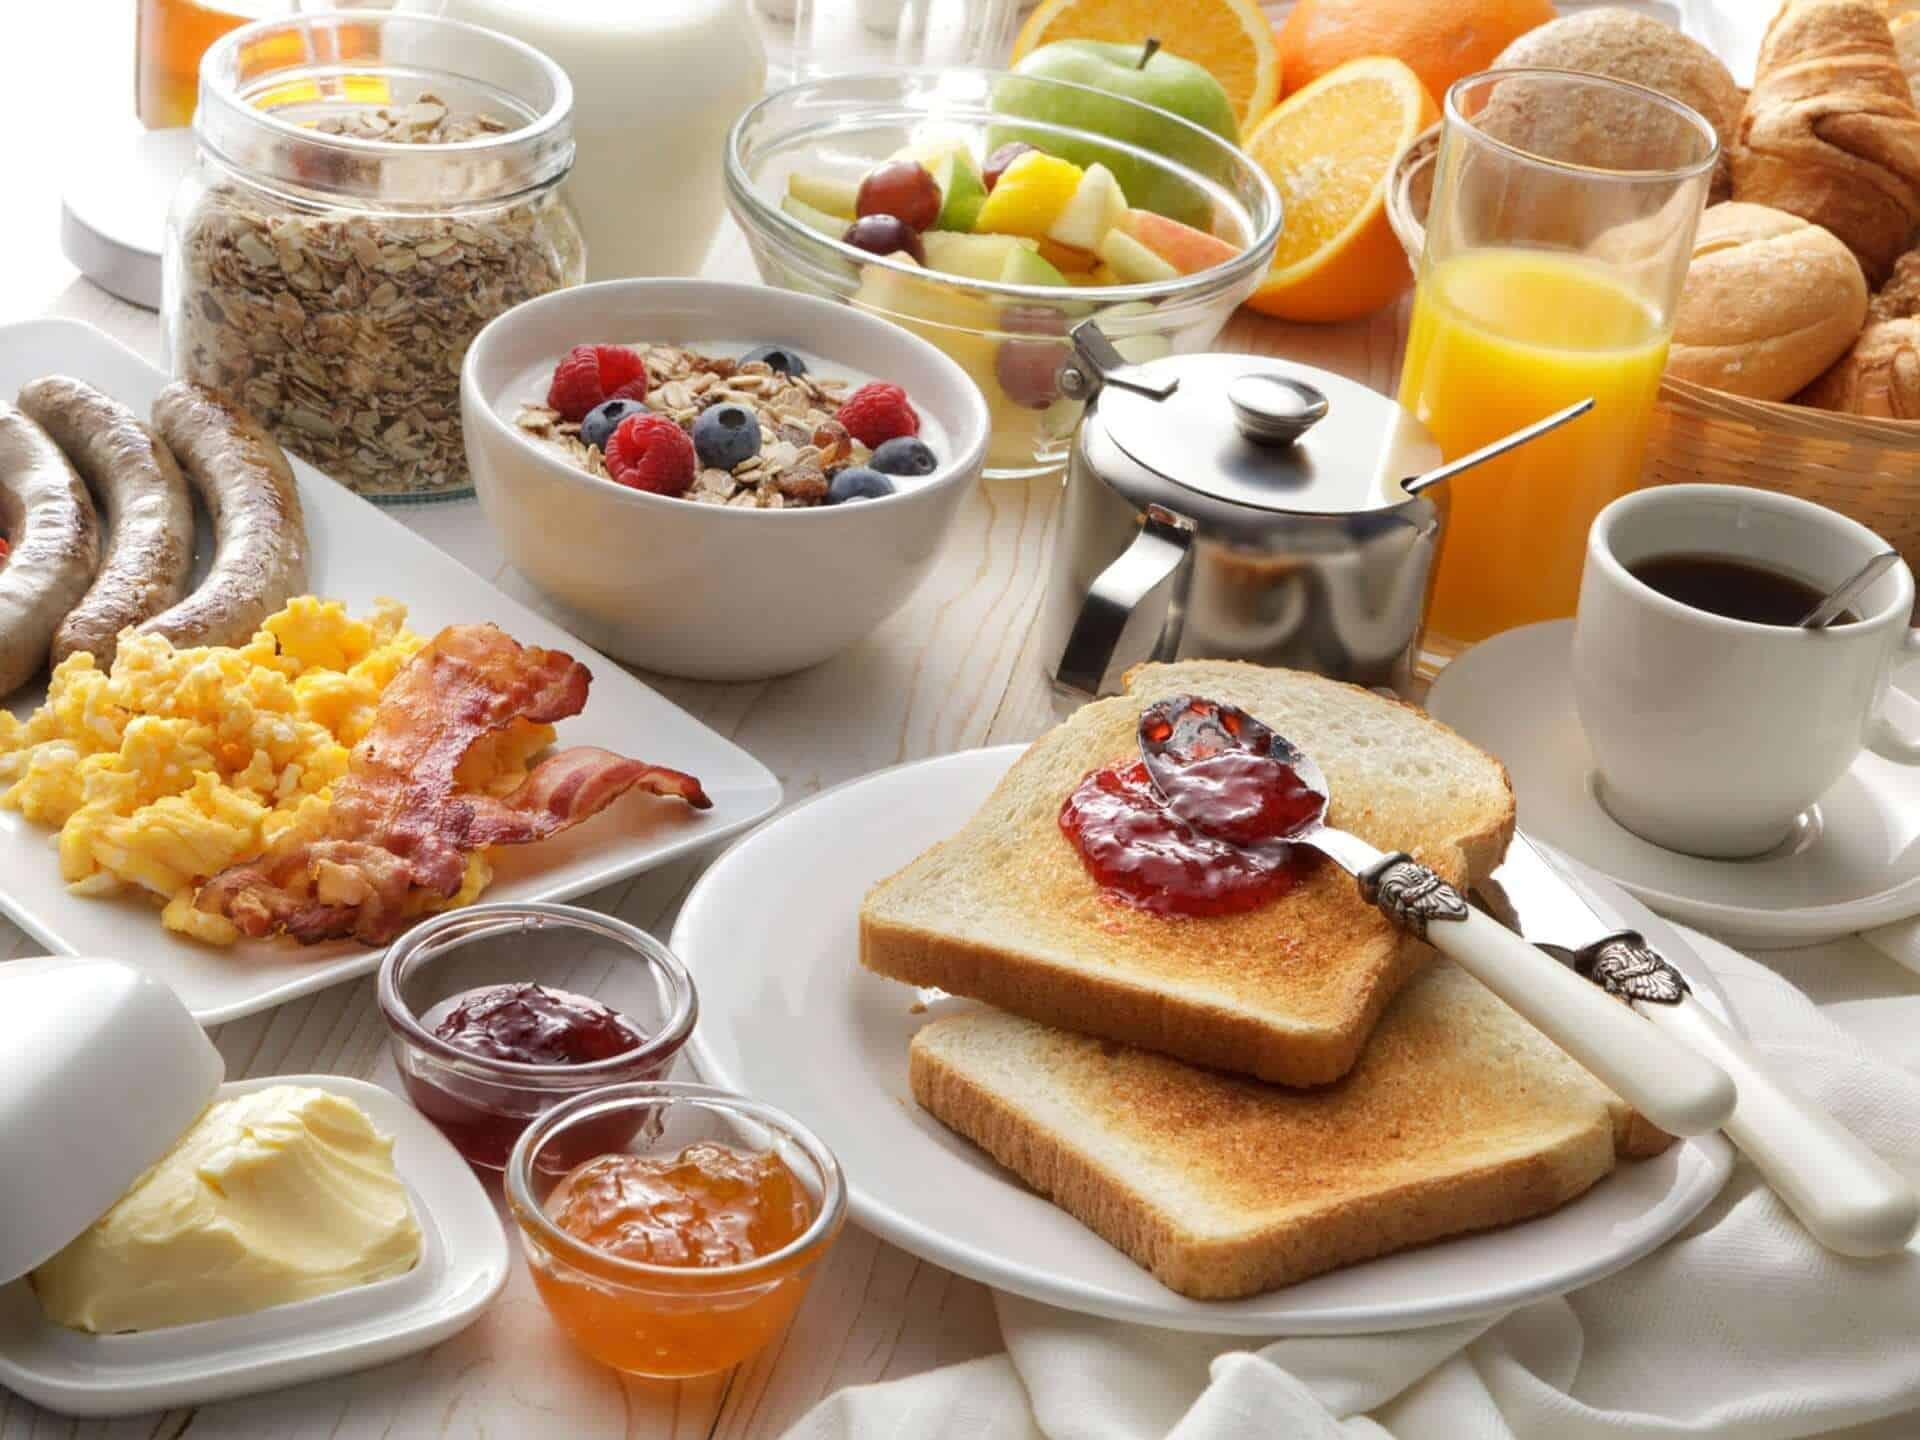 ארוחות הבוקר הכי שוות בחולון - המומלצים